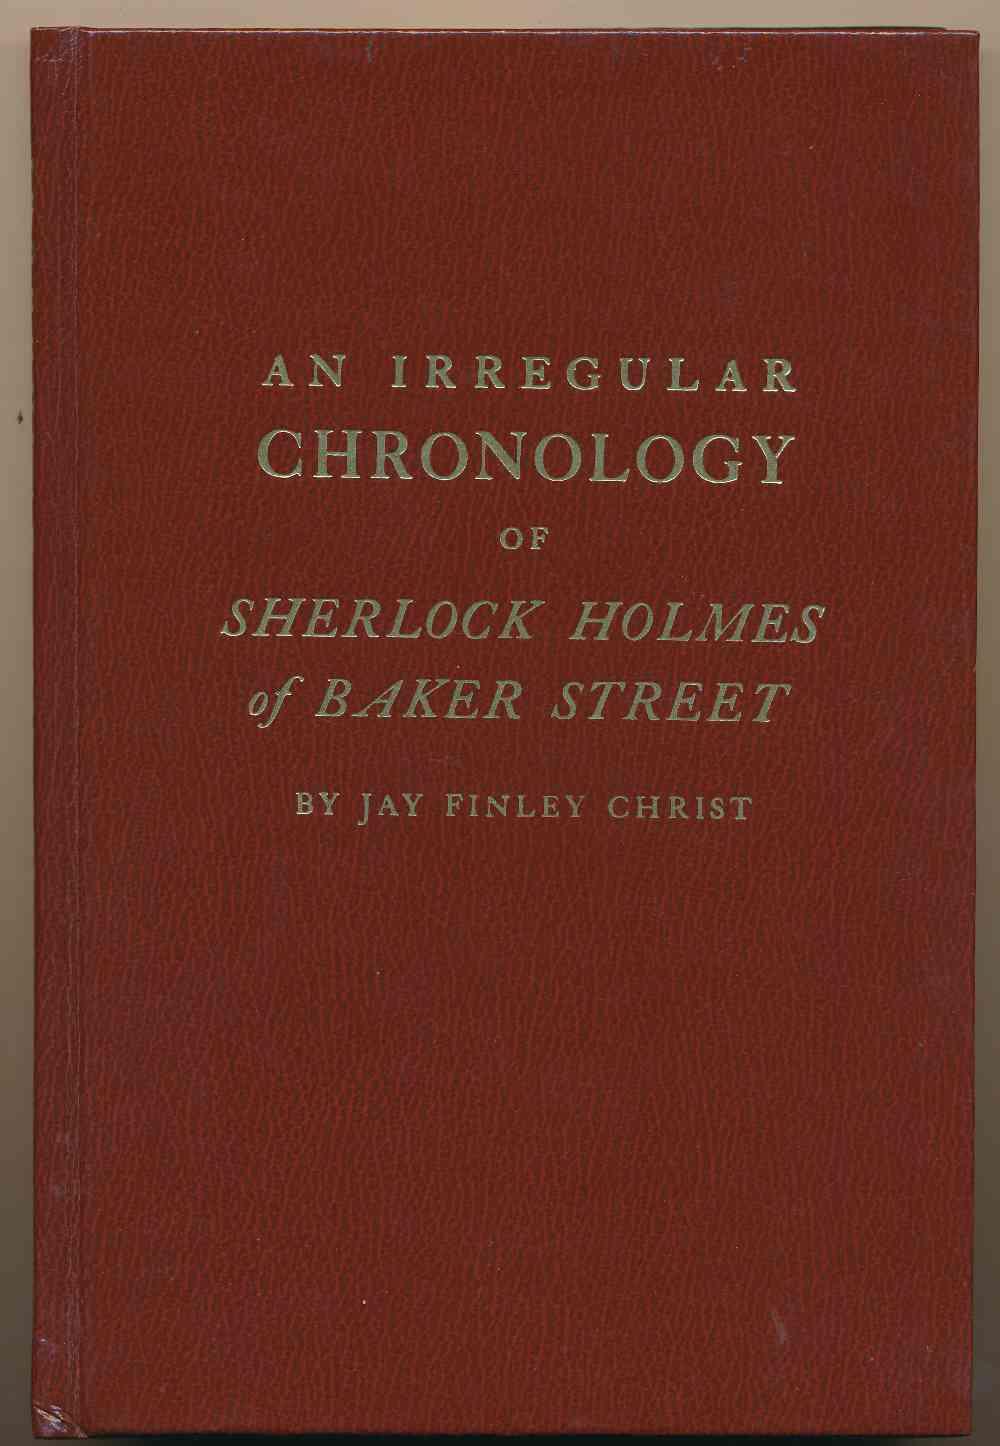 An irregular chronology of Sherlock Holmes of Baker Street